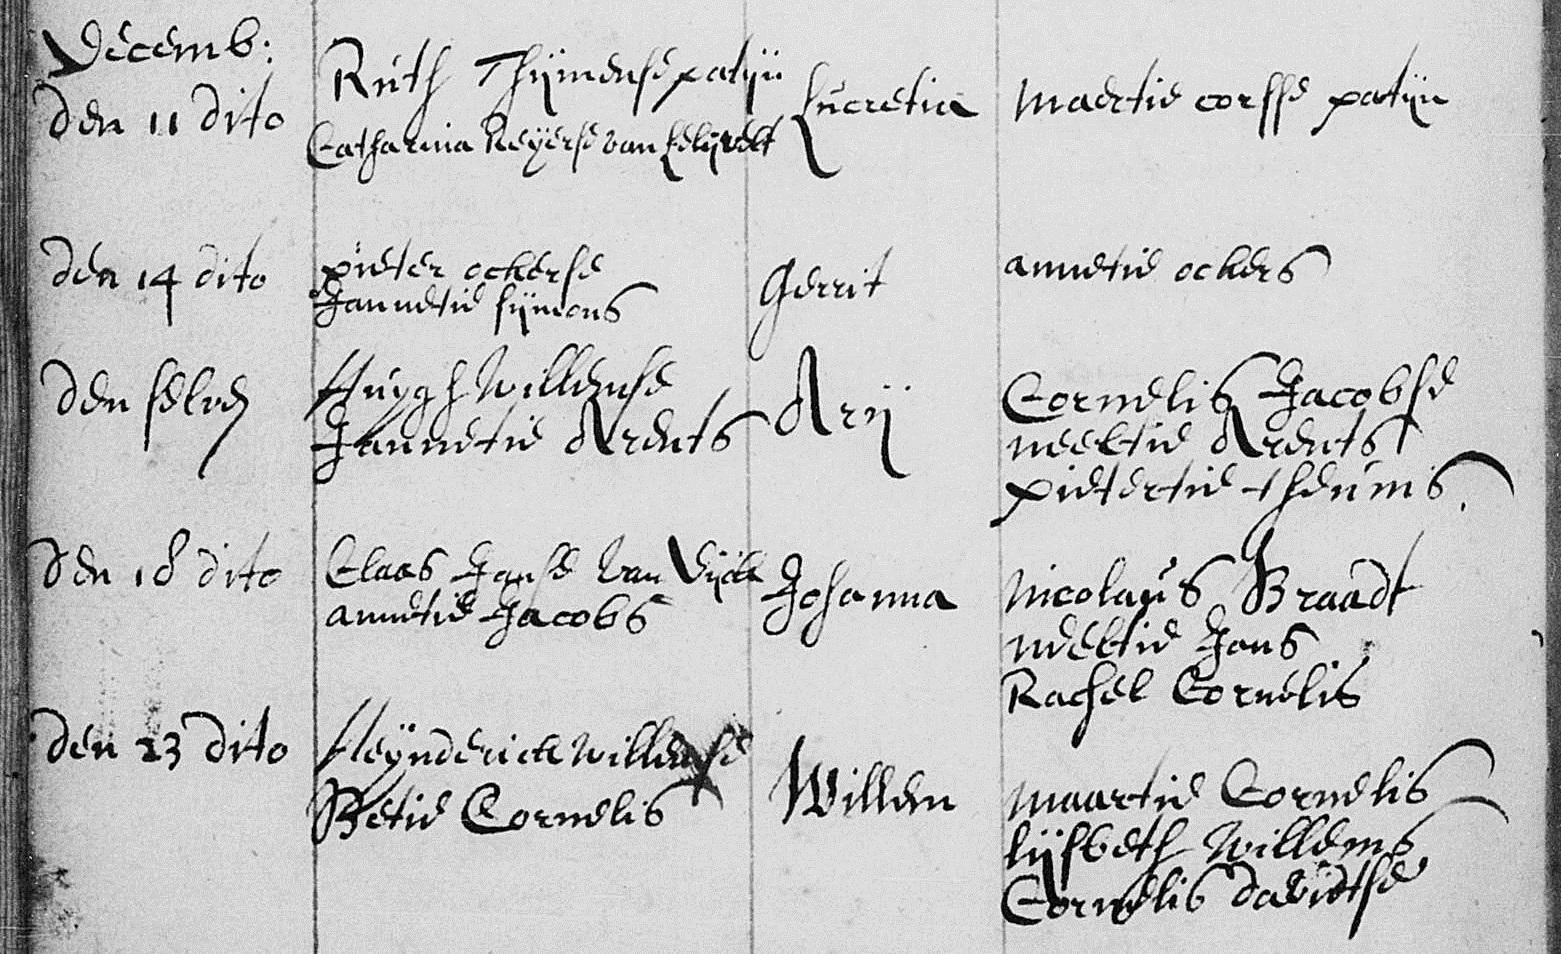 1689-12-14a-geboren-arij-huijgensz-van-der-windt